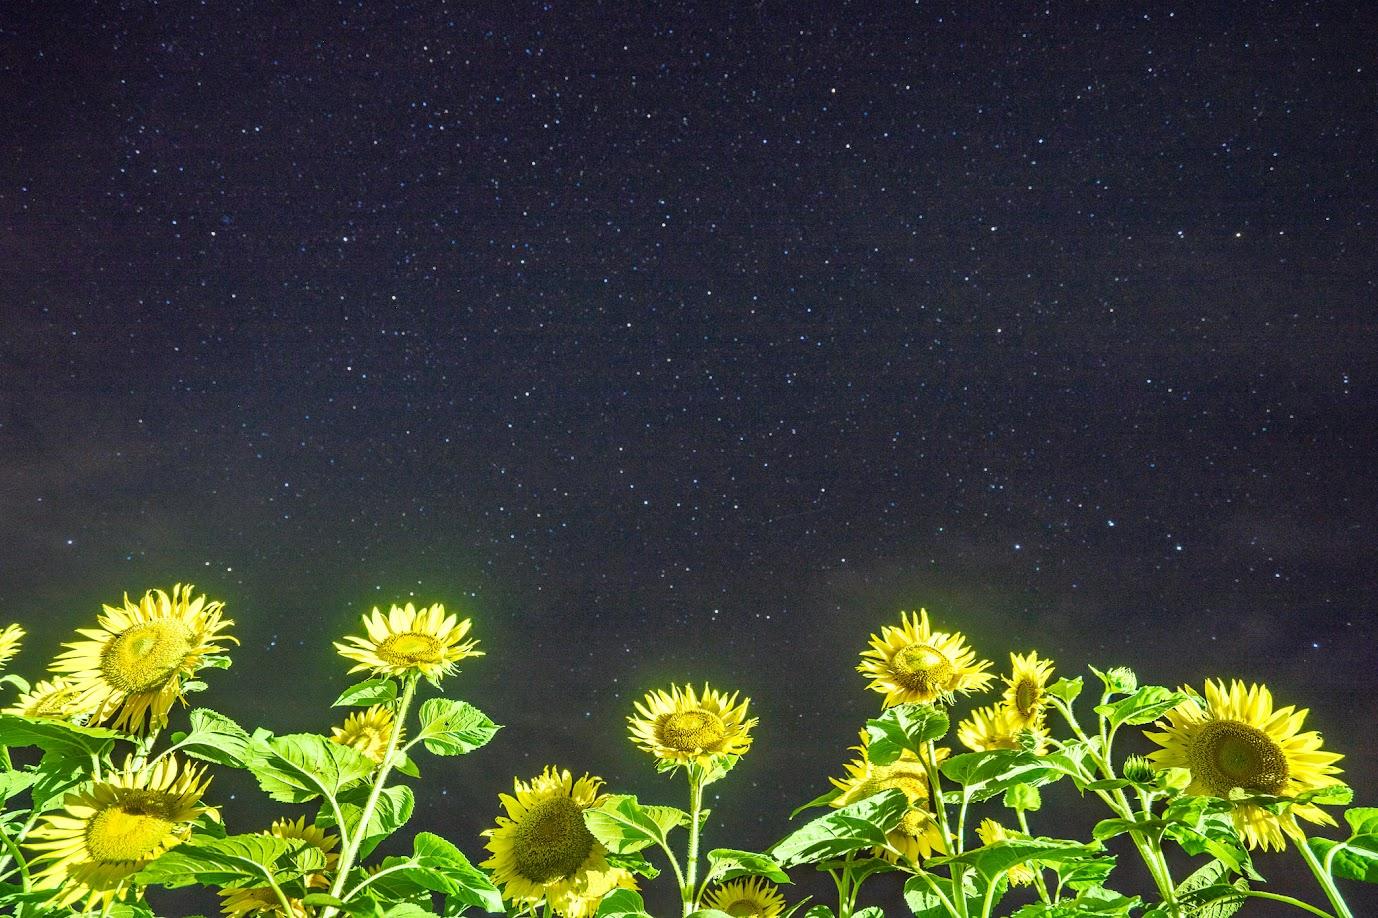 見上げてごらん〜満天の星を〜 🎶